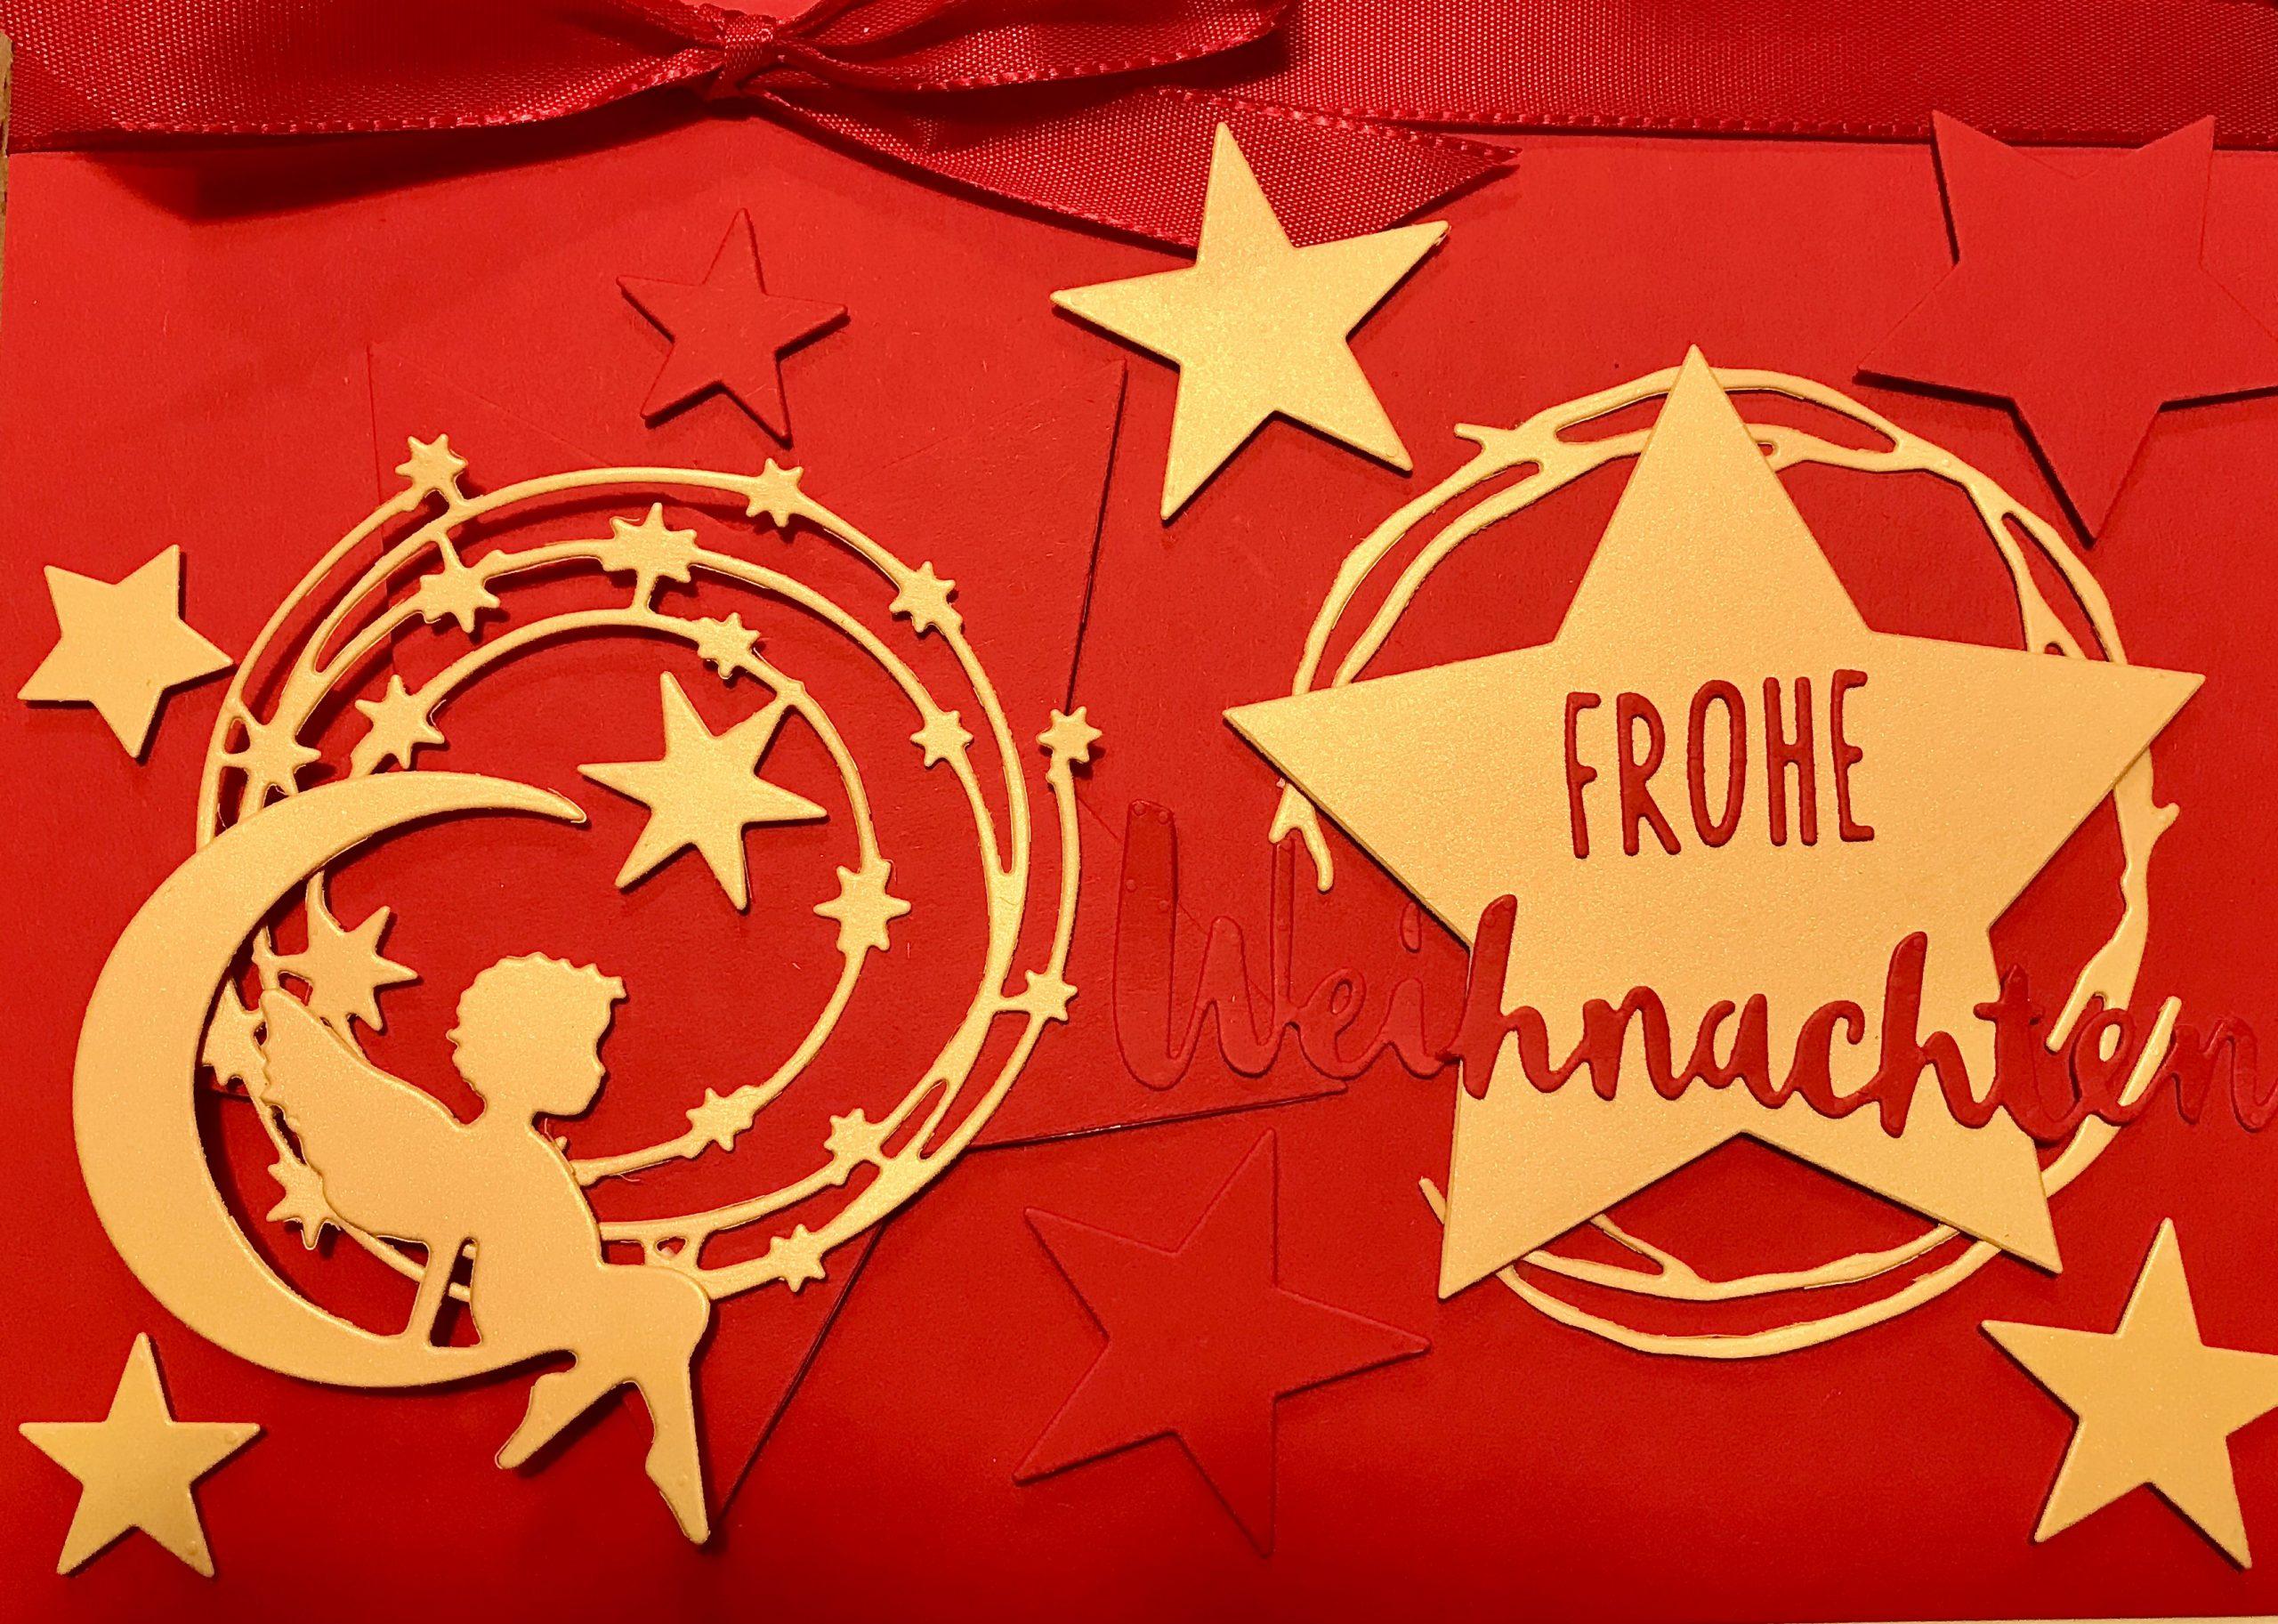 """Weihnachtskarte aus rotem und goldenem Fotokarton. Es gibt einen großen roten Stern, welcher auf der linken Seite der Karte ist. Auf diesem Stern ist ein goldener Sterneschweif im Kreis mit kleinen und großen Sternen. Davor sitzt ein goldener Engel auf der unteren goldenen Mondsichel. Rechts auf der Karte ist ein goldener Weidenkranz. Darüber befindet sich ein großer goldener Stern. Dieser trägt in roter Farbe den Schriftzug """"Frohe Weihnachten"""". Rings herum sind goldene und rote Sterne aufgeklebt. Am oberen Rand der Karte befindet sich eine rote Schleife."""